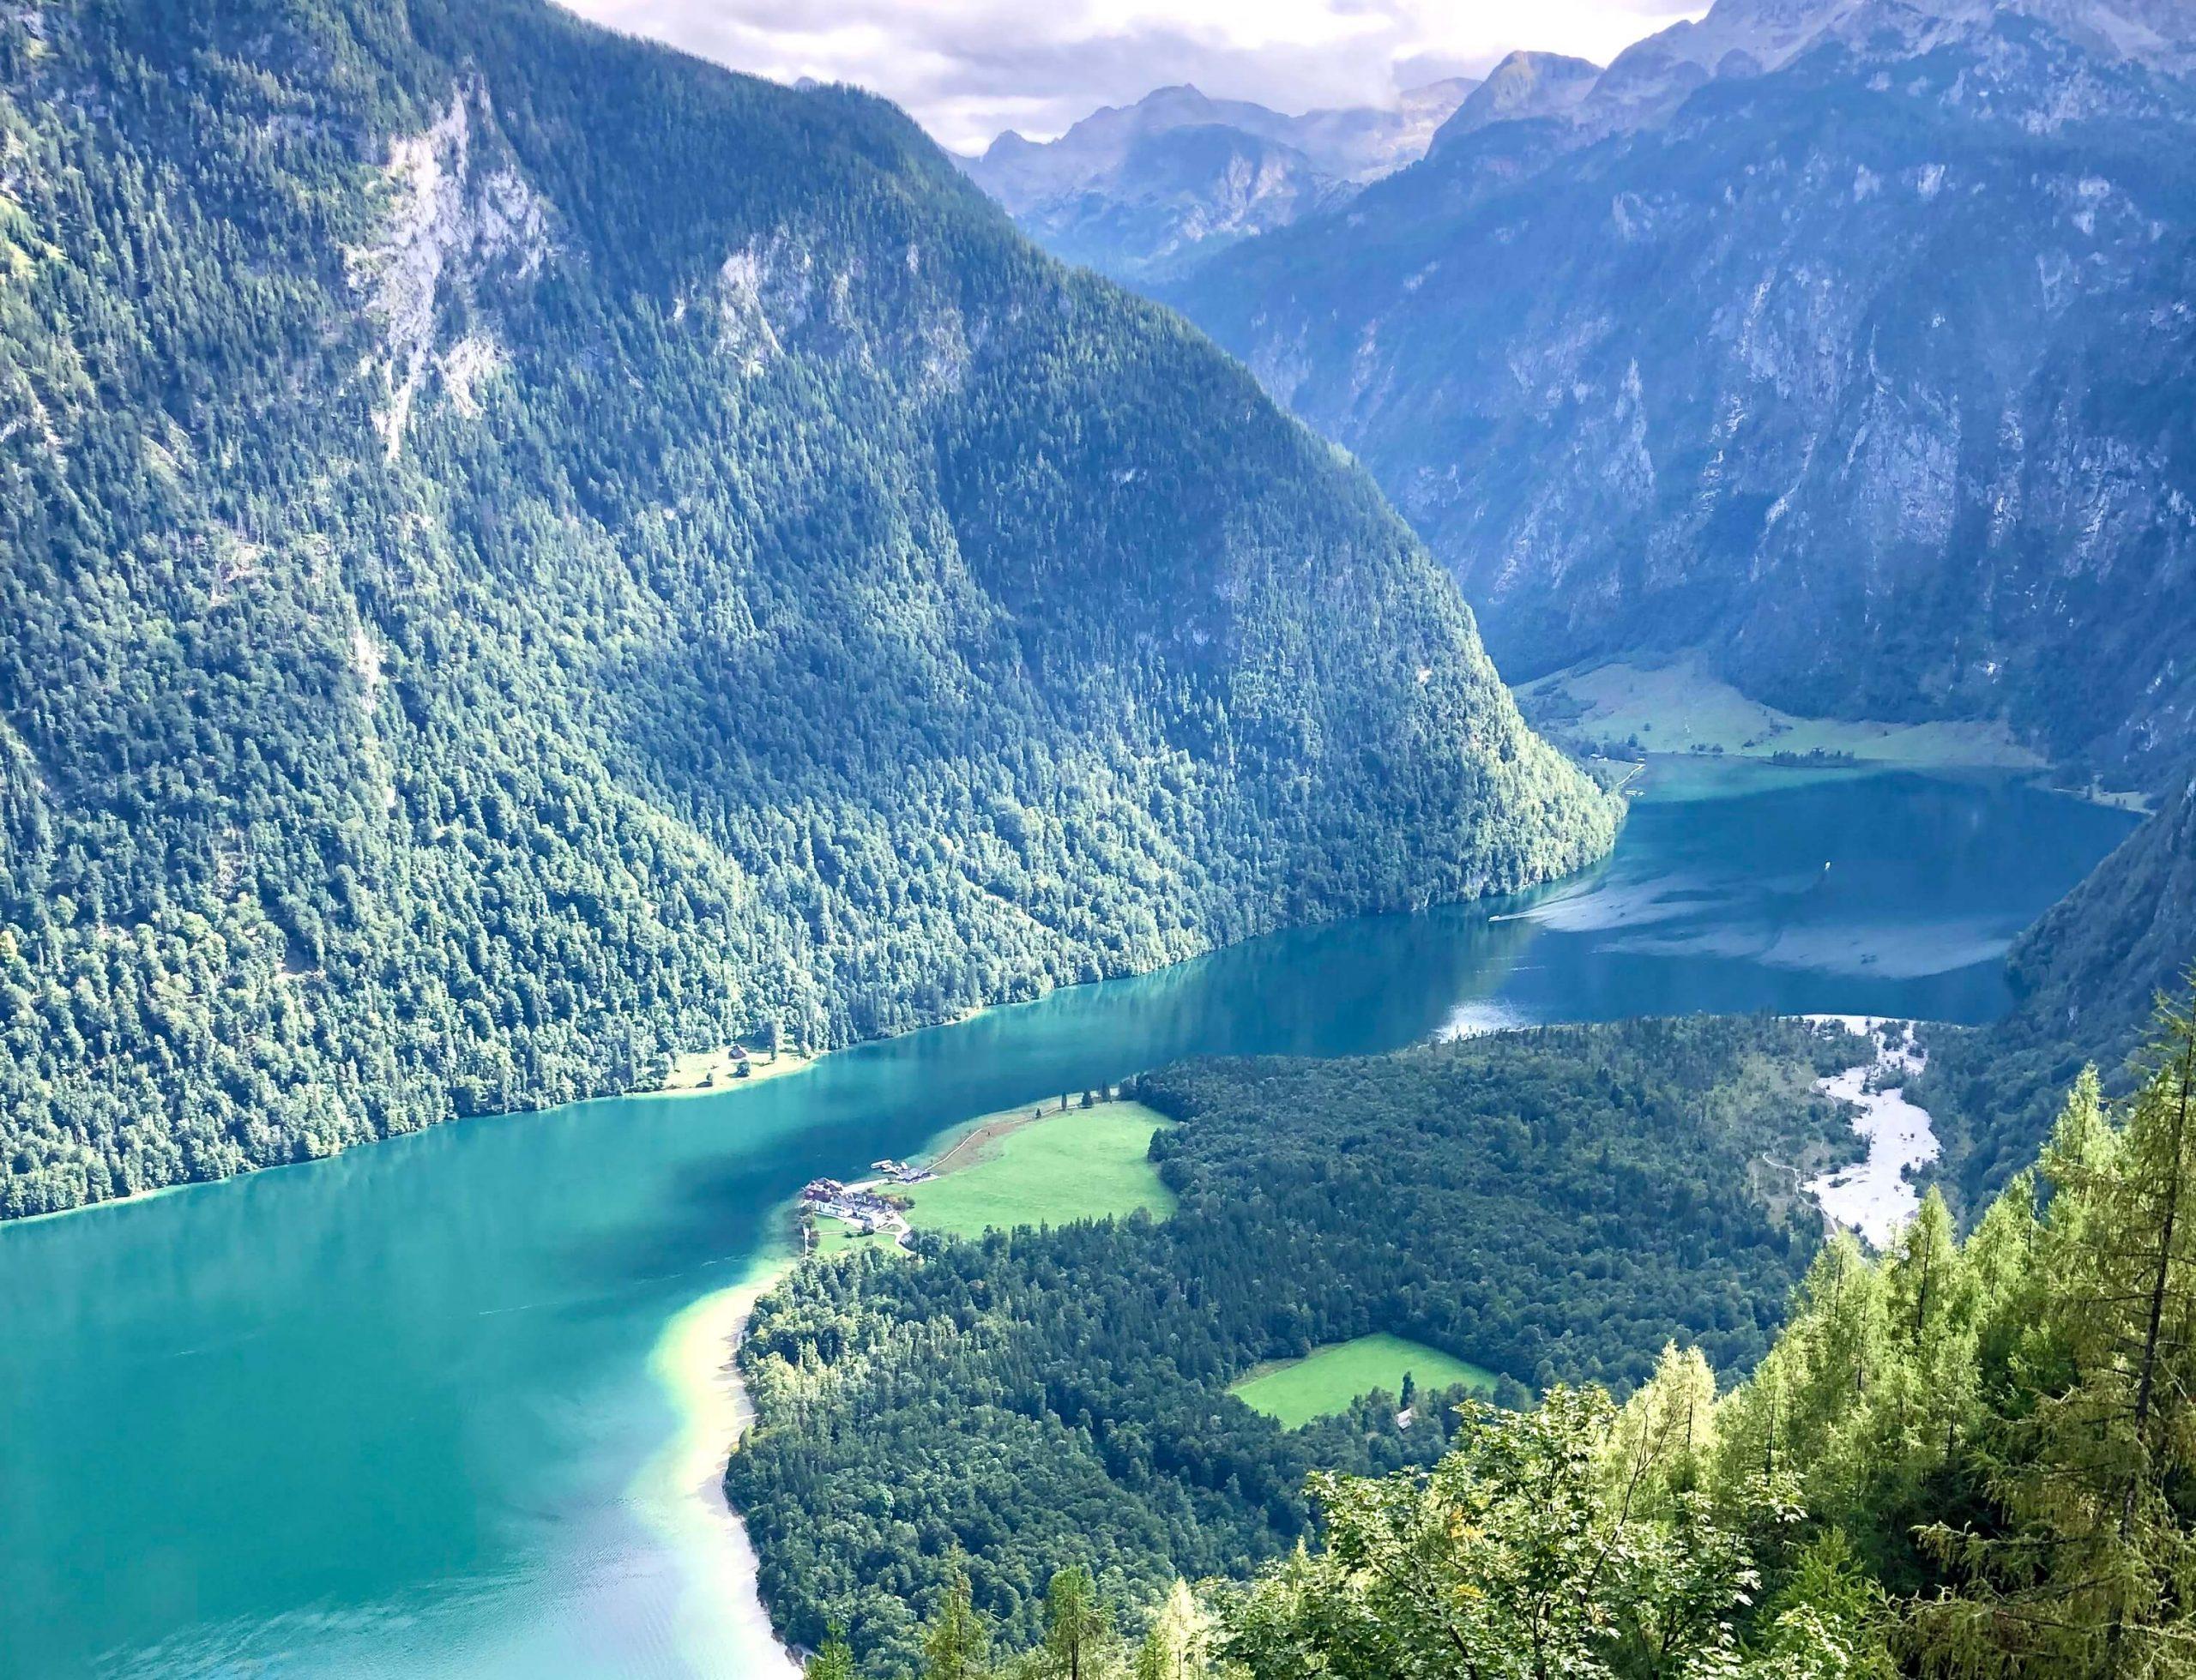 Berchtesgaden-Koenigsee